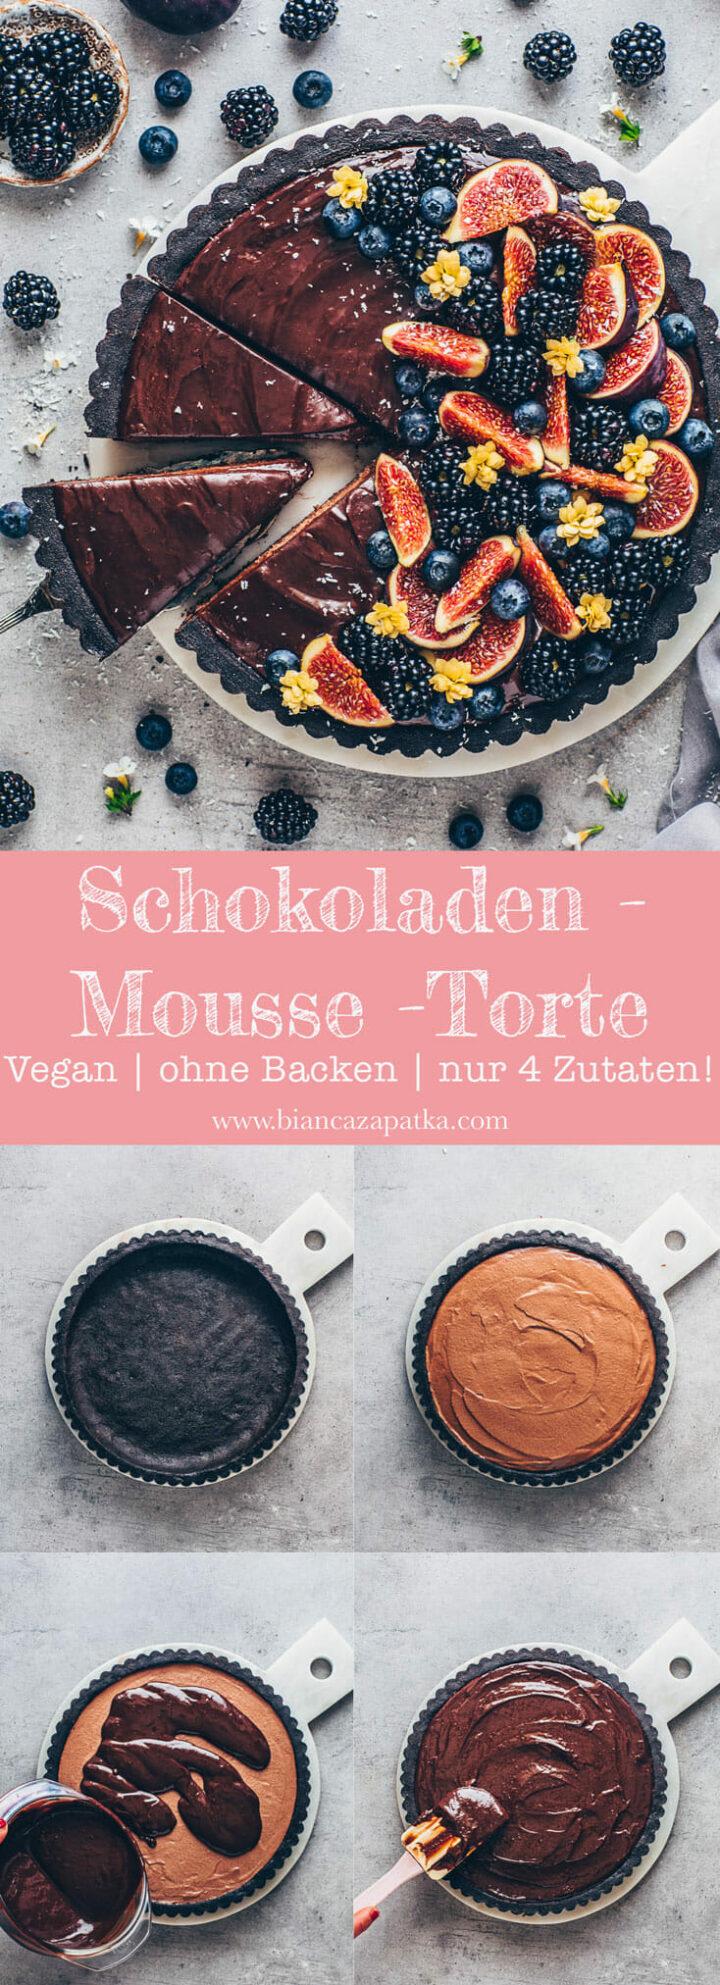 Schokoladen Mousse Torte mit Oreo Keks-Boden und Ganache - Schoko Kuchen Tarte mit Feigen, Blaubeeren und Brombeeren